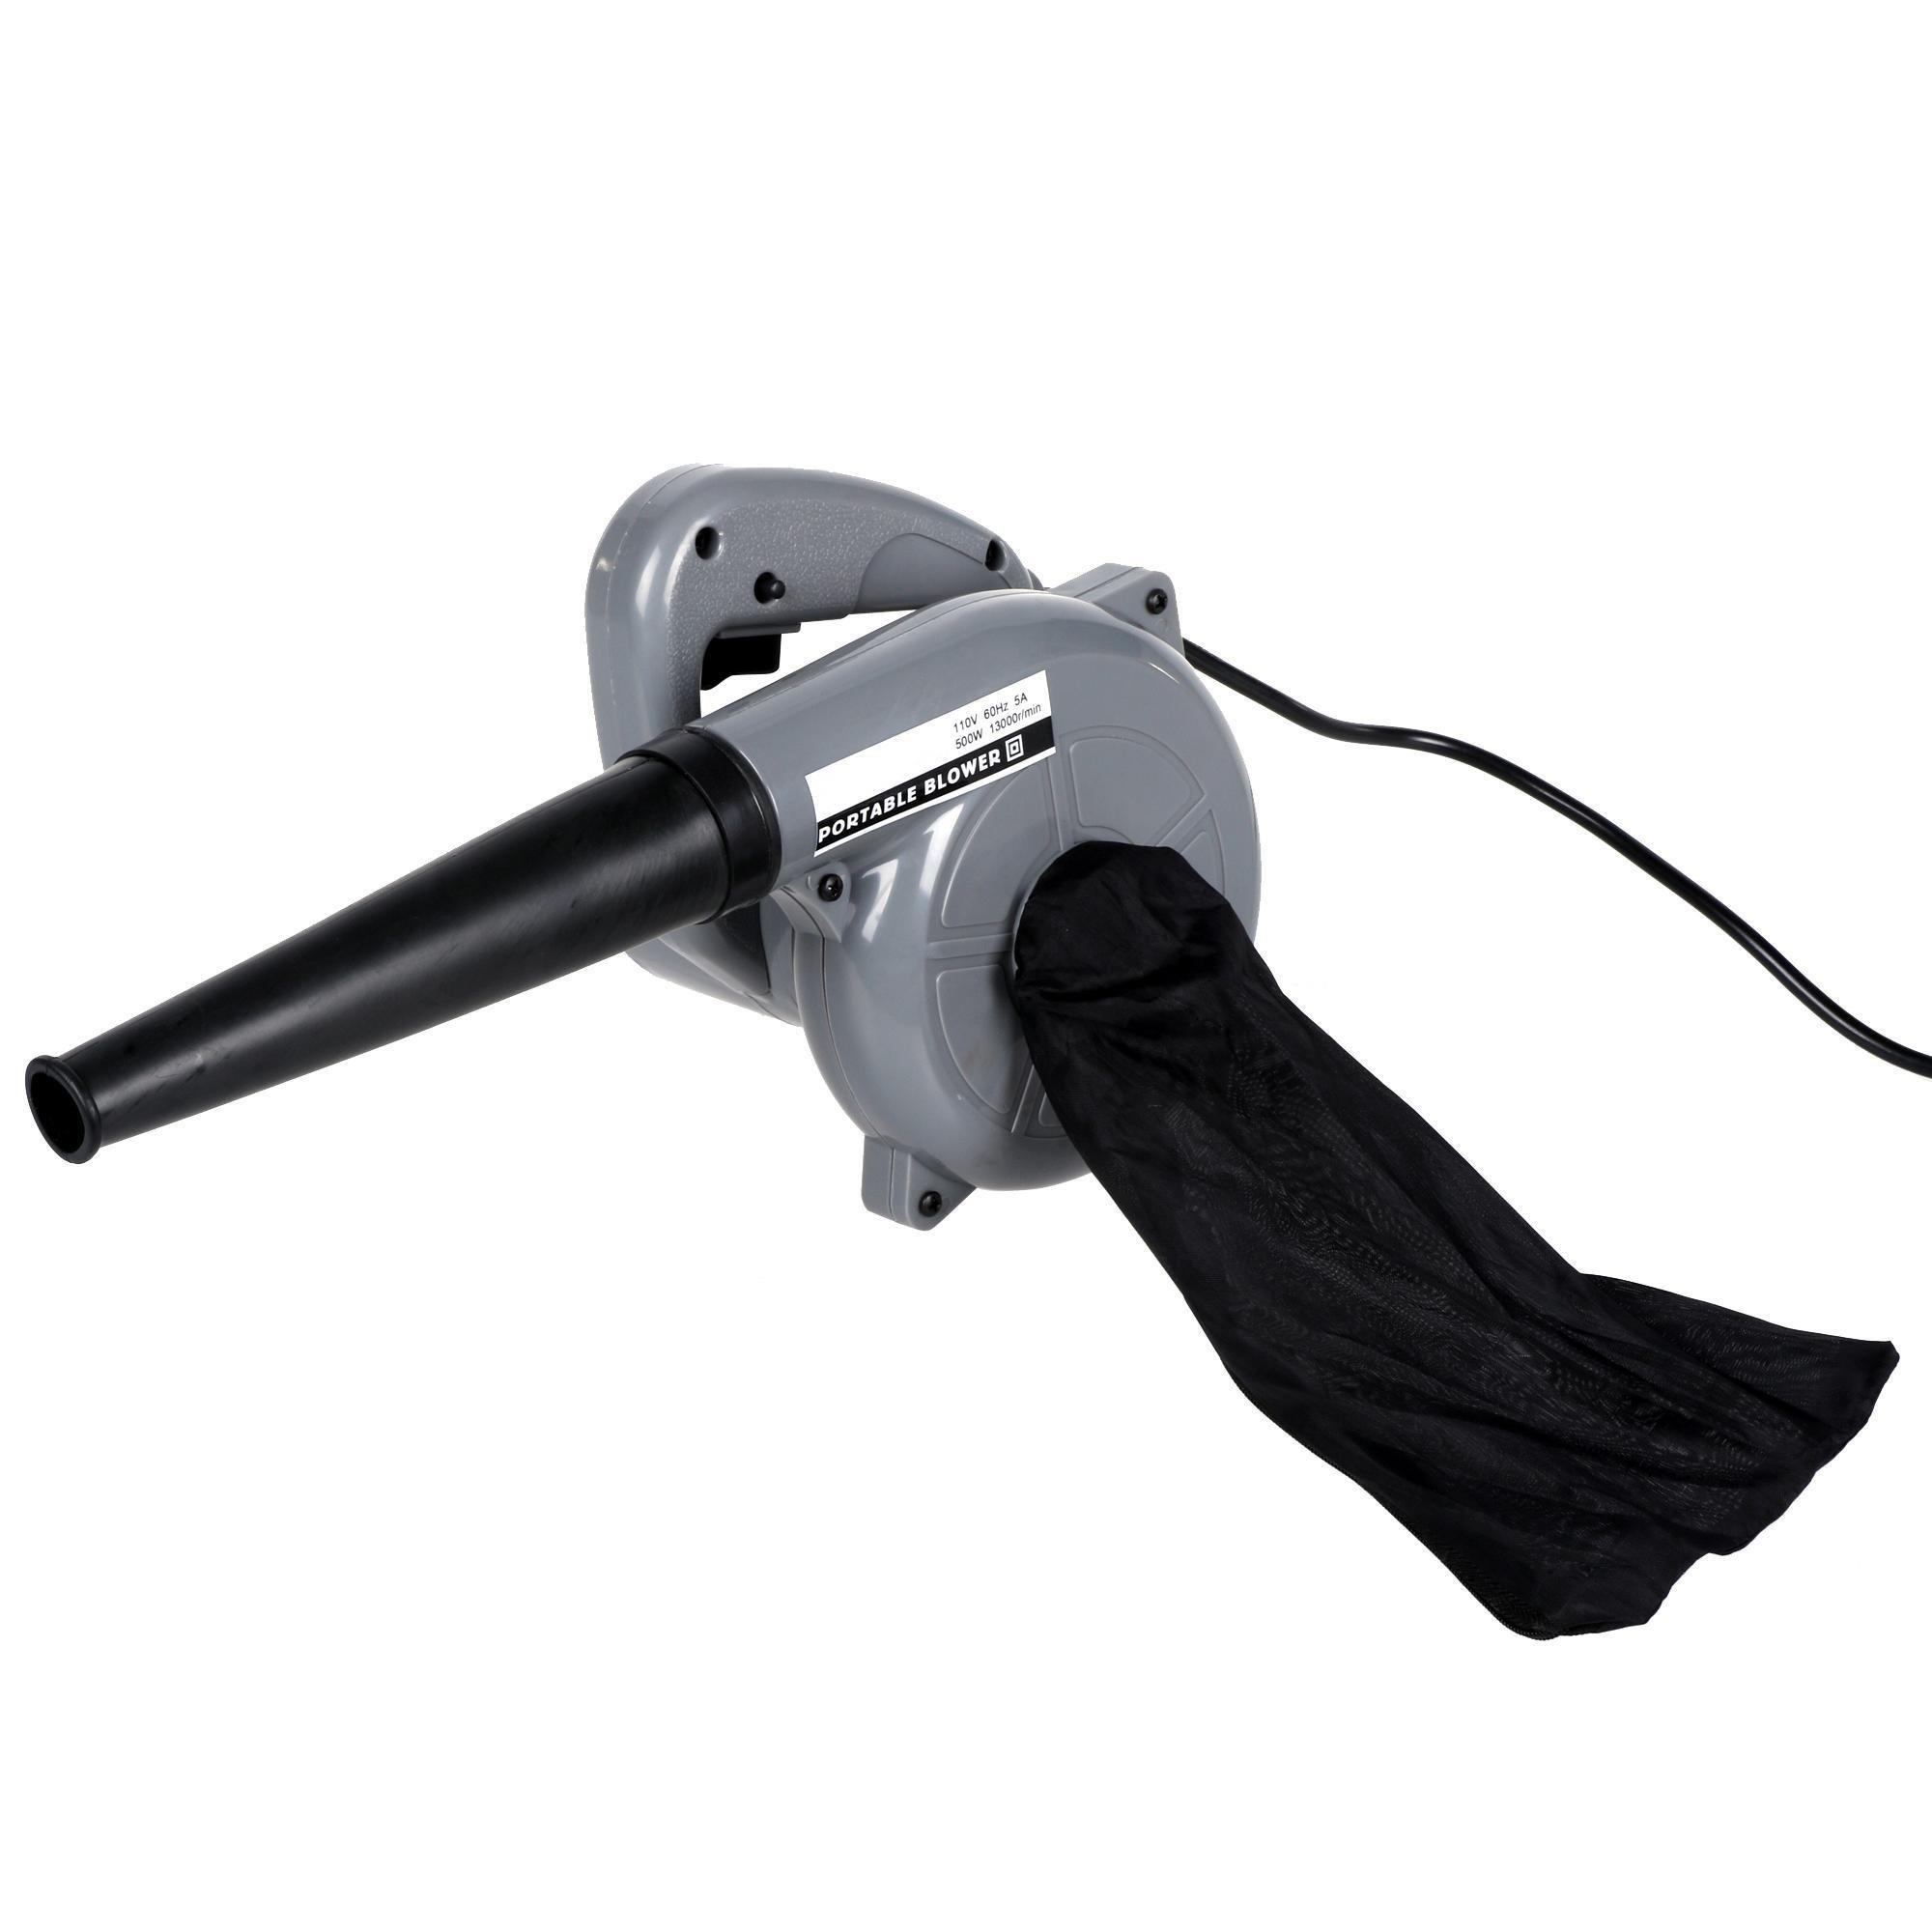 neudas Small Leaf Blower 500W Garden Vacuum, Gray